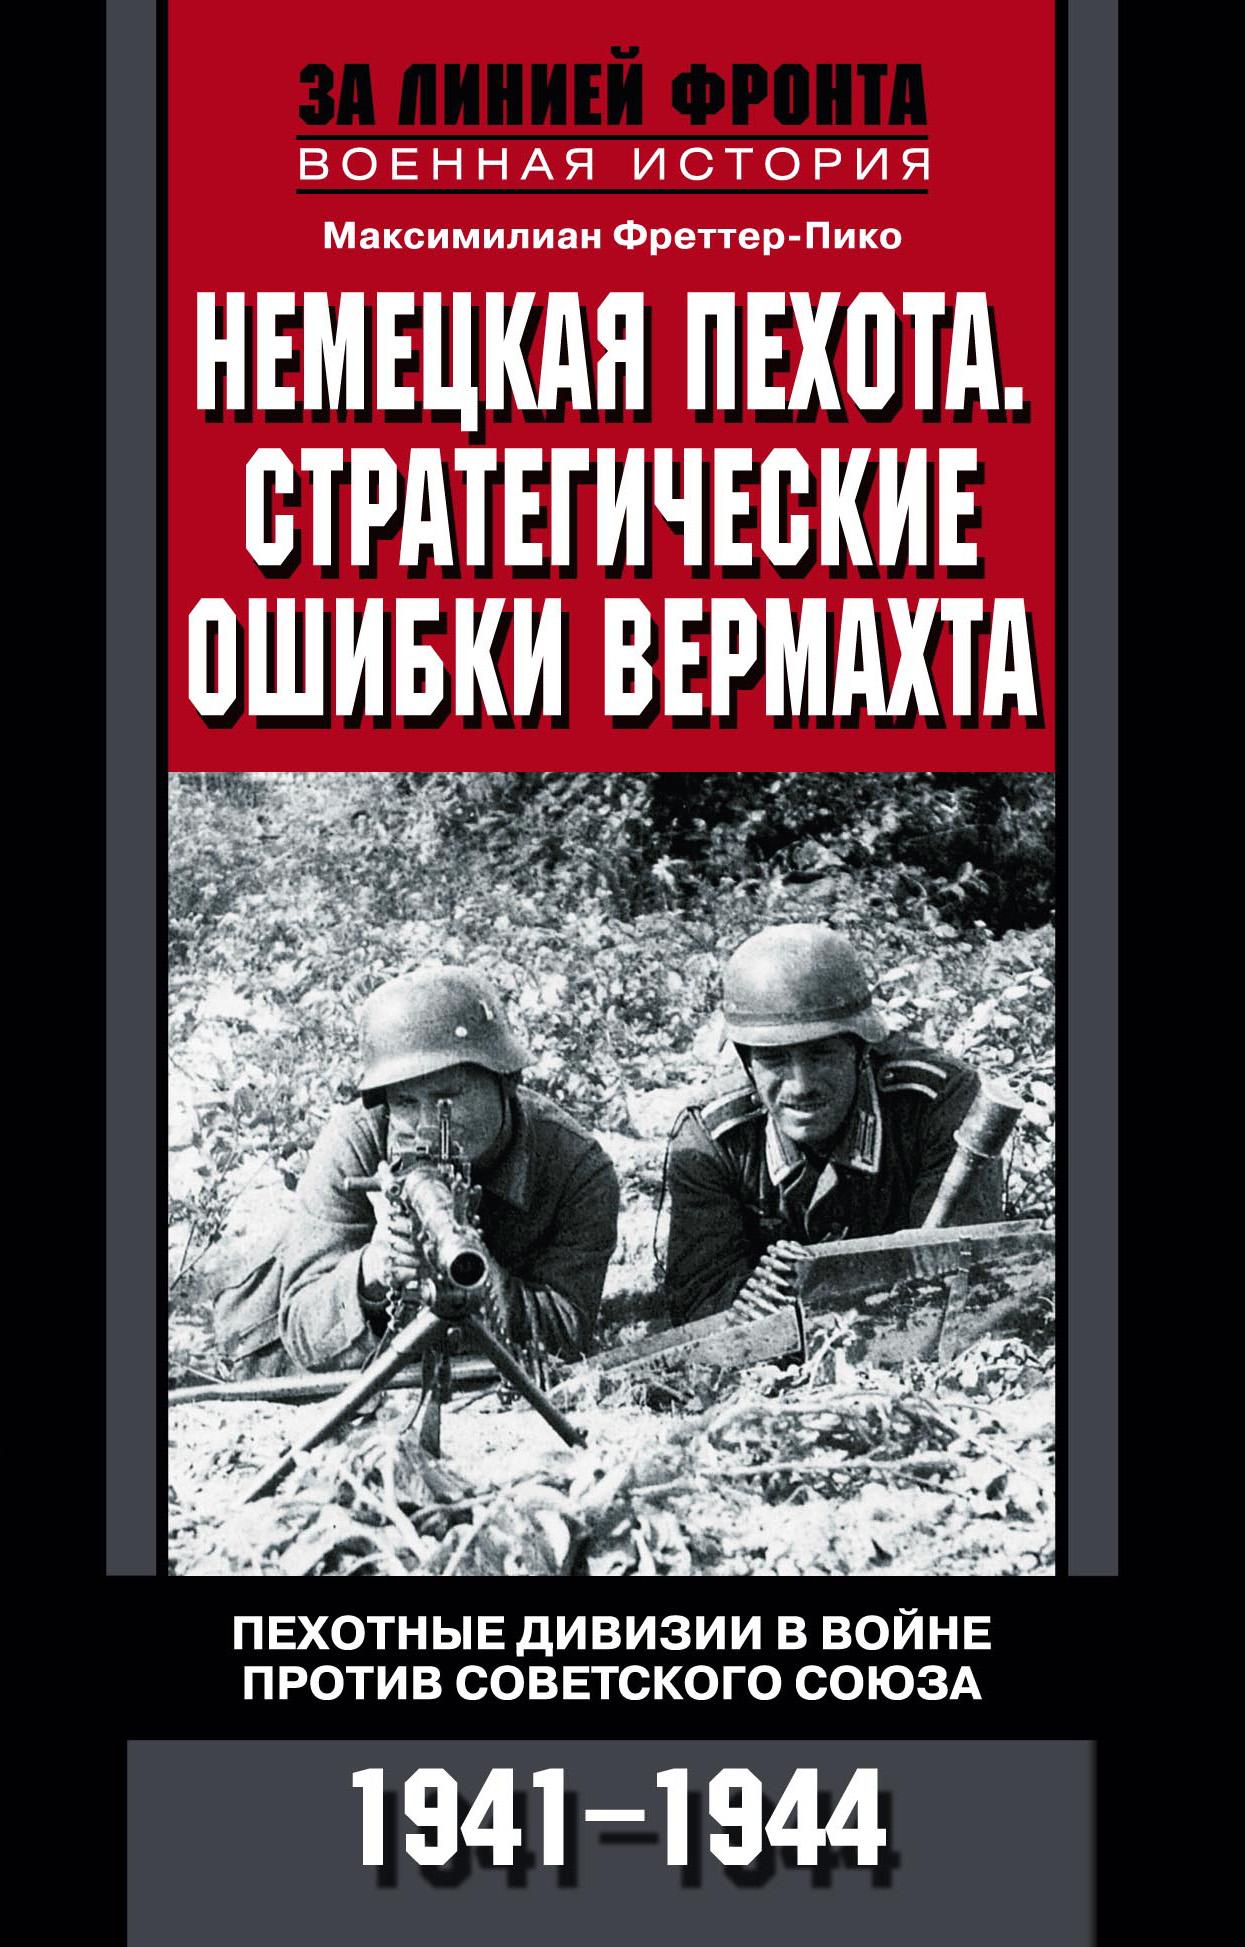 Немецкая пехота. Стратегические ошибки вермахта. Пехотные дивизии в войне против Советского Союза. 1941-1944